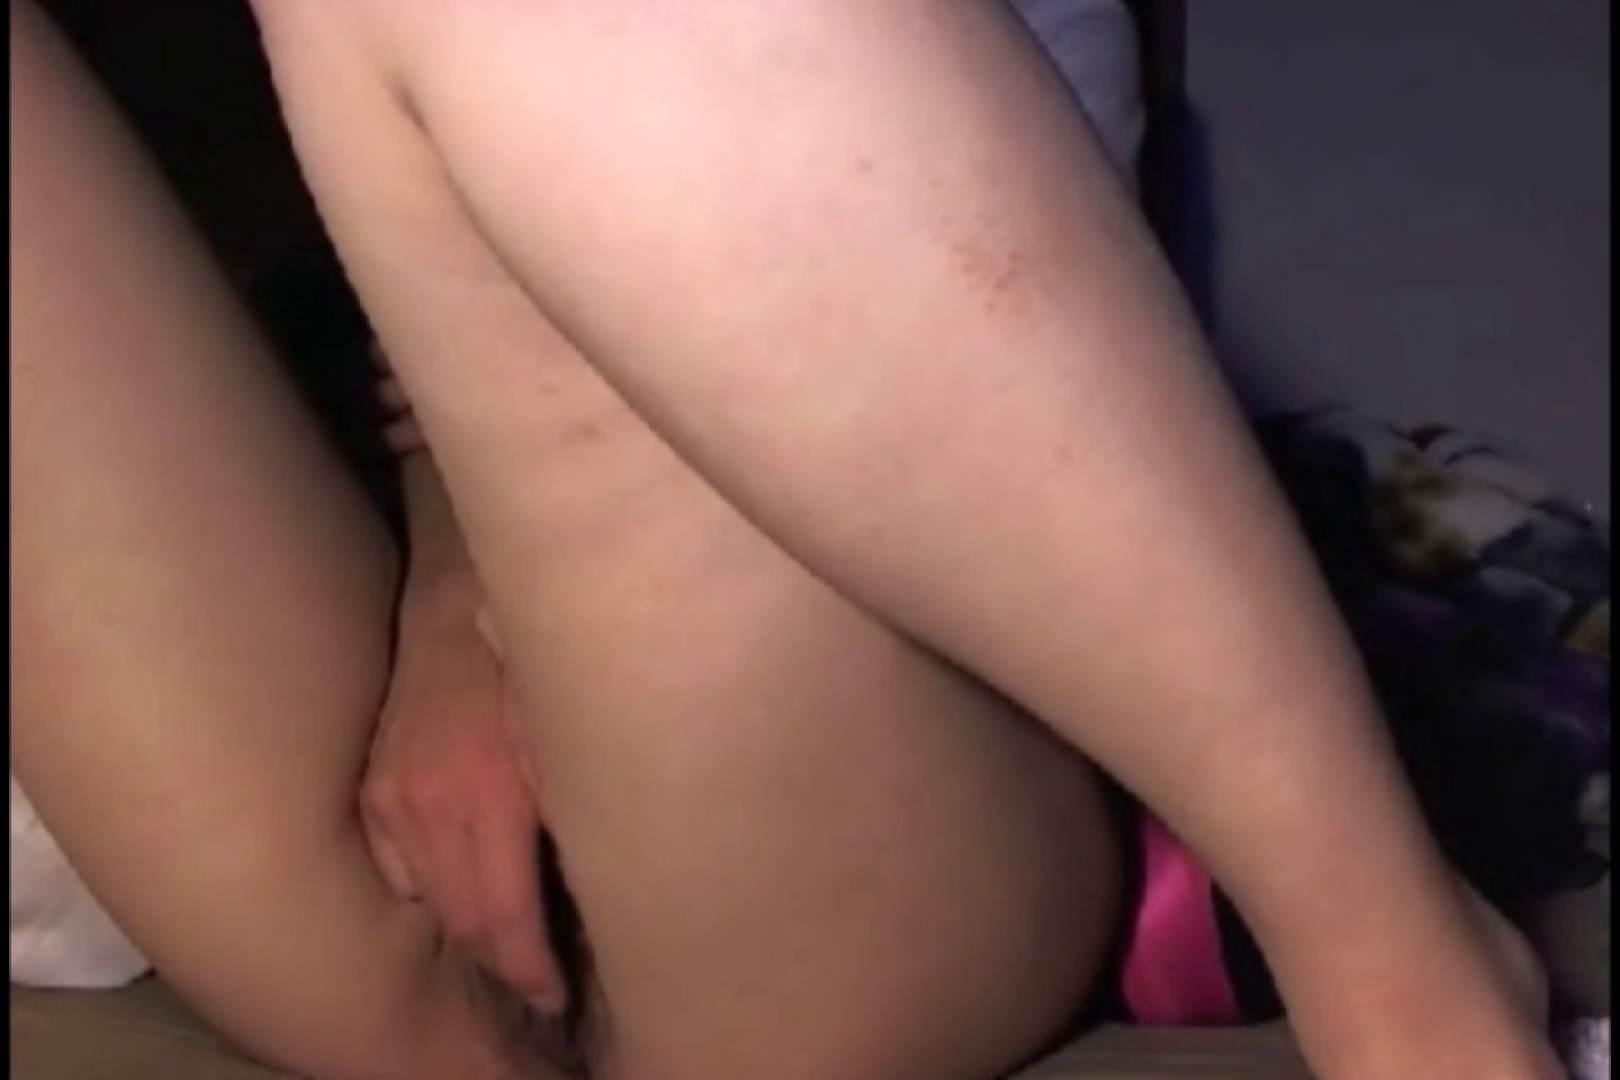 ガチンコ!!激カワギャル限定個人ハメ撮りセフレ編Vol.11 一般投稿  81pic 45